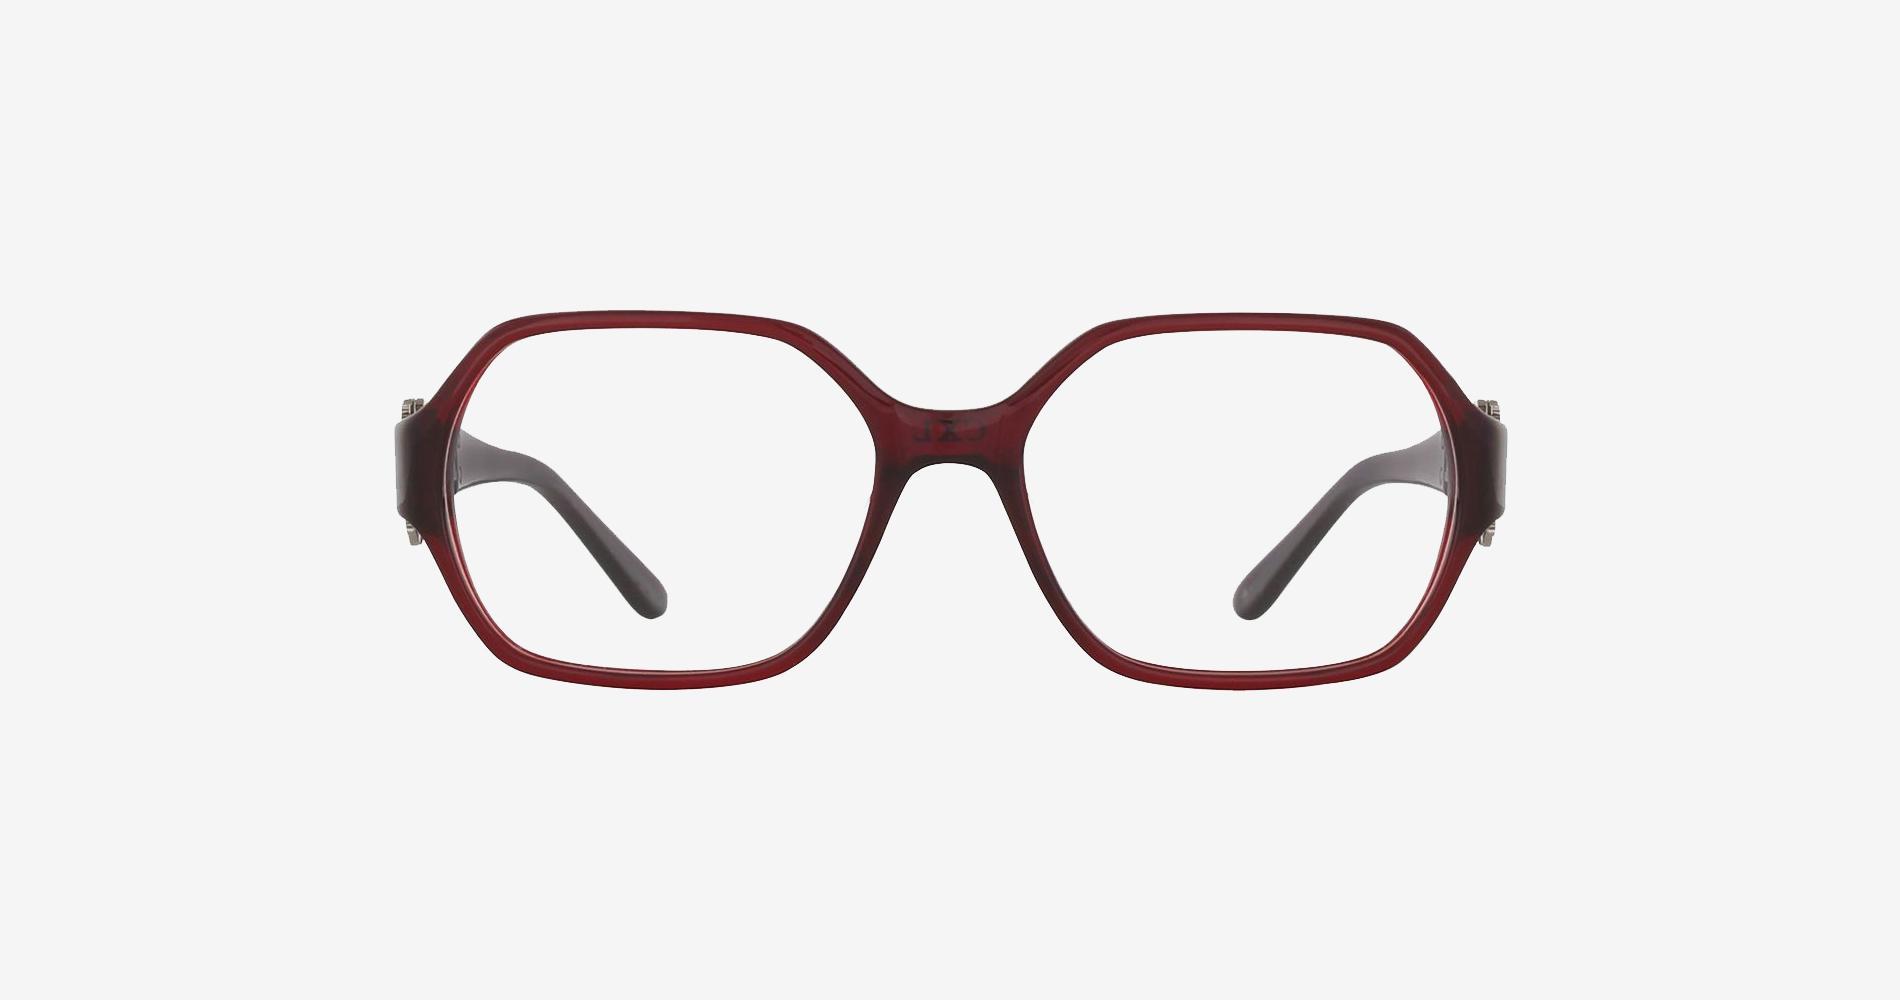 d6f165f7f95e6f Comment choisir des lunettes qui me vont vraiment   - Madame Figaro